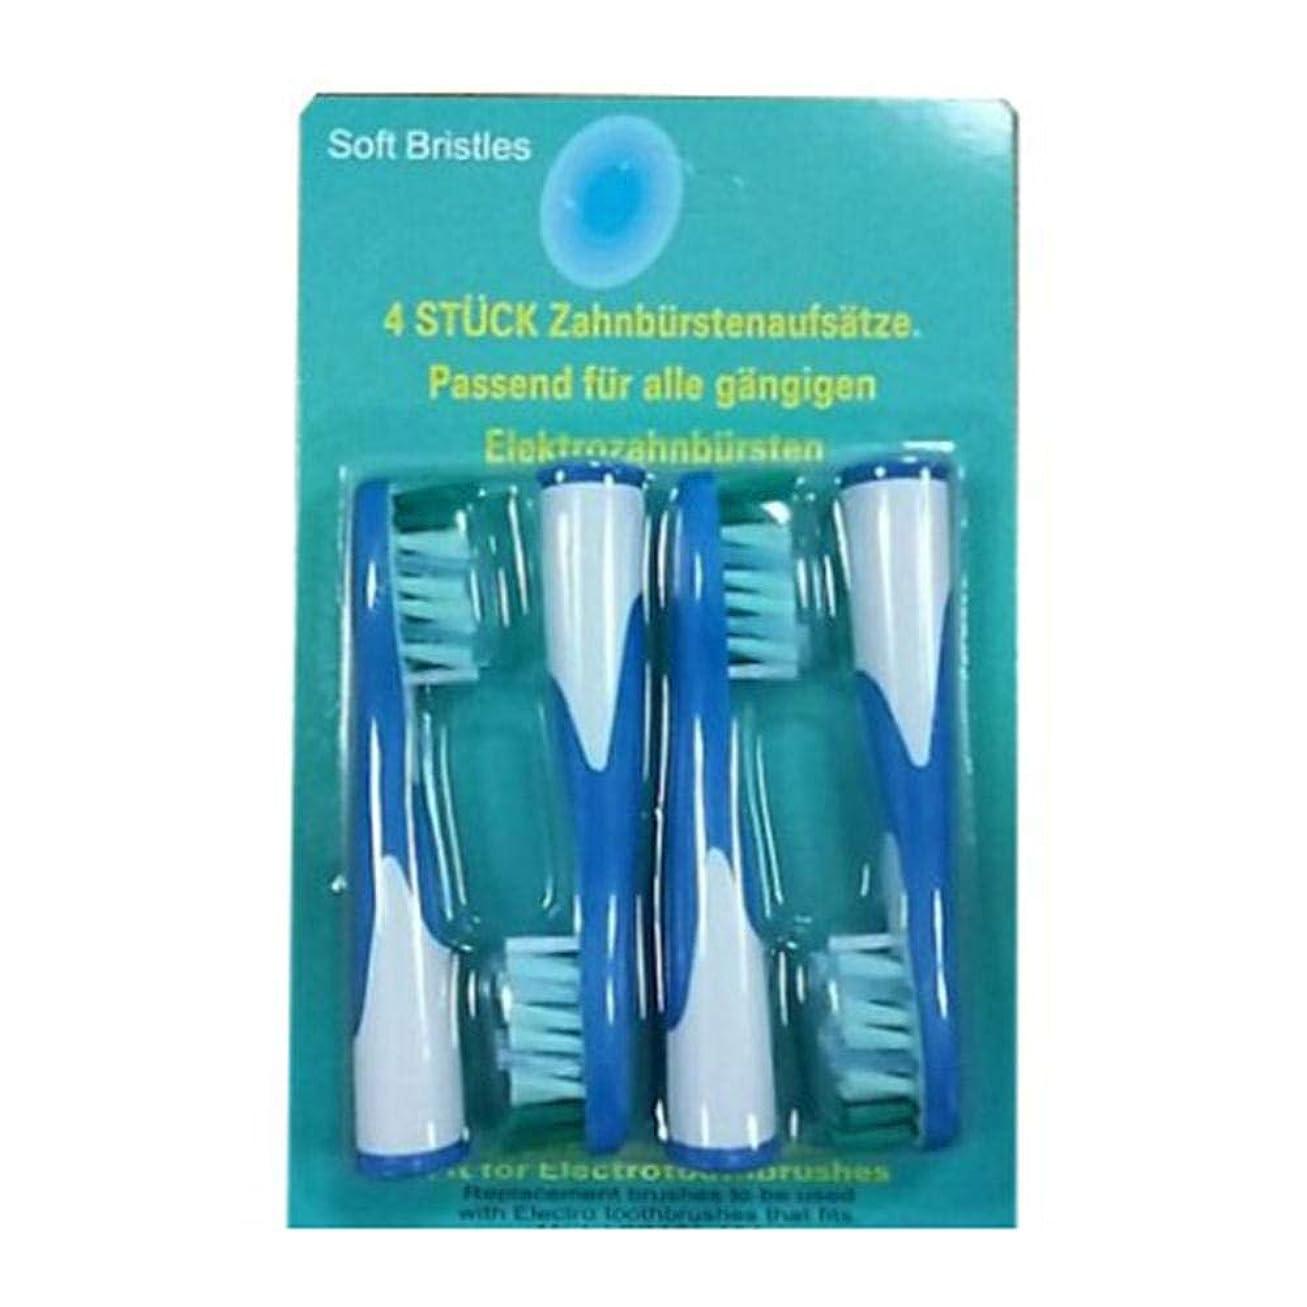 電動歯ブラシ交換ヘッド Oral B 電動歯ブラシ S26.523.3 S15.523.3に対応 安全 ソフト 4PCS